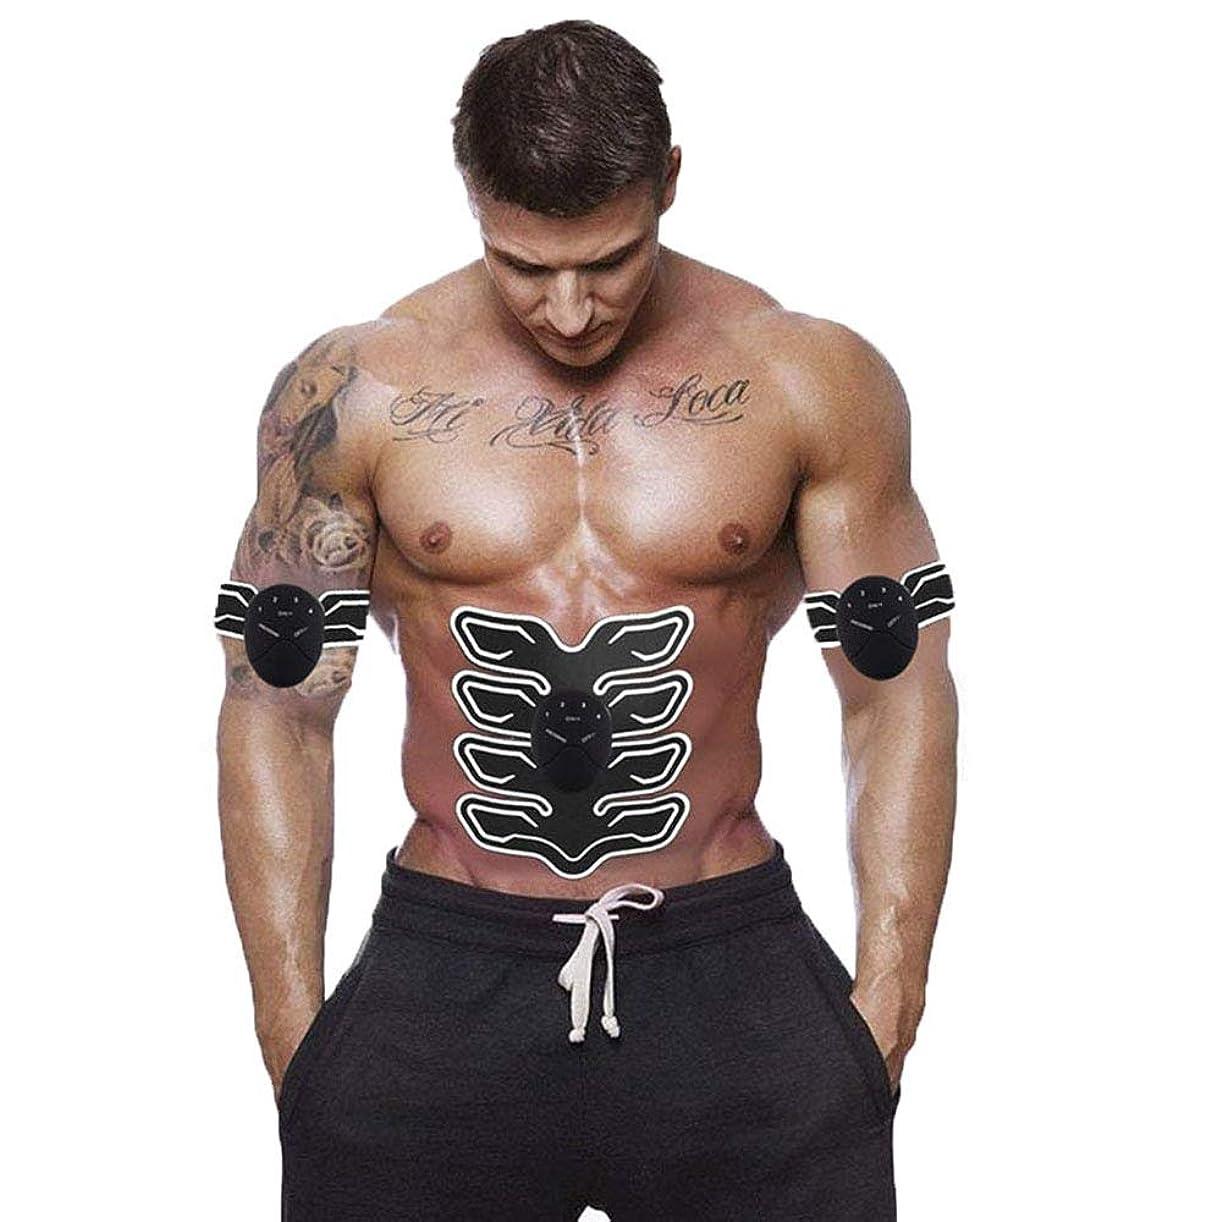 まさに黒人技術的な筋肉トナー腹部調色ベルトポータブル USB 充電式ワイヤレス EMS マッサージ腹部アームレッグトレーニングのためのフィットネス機器